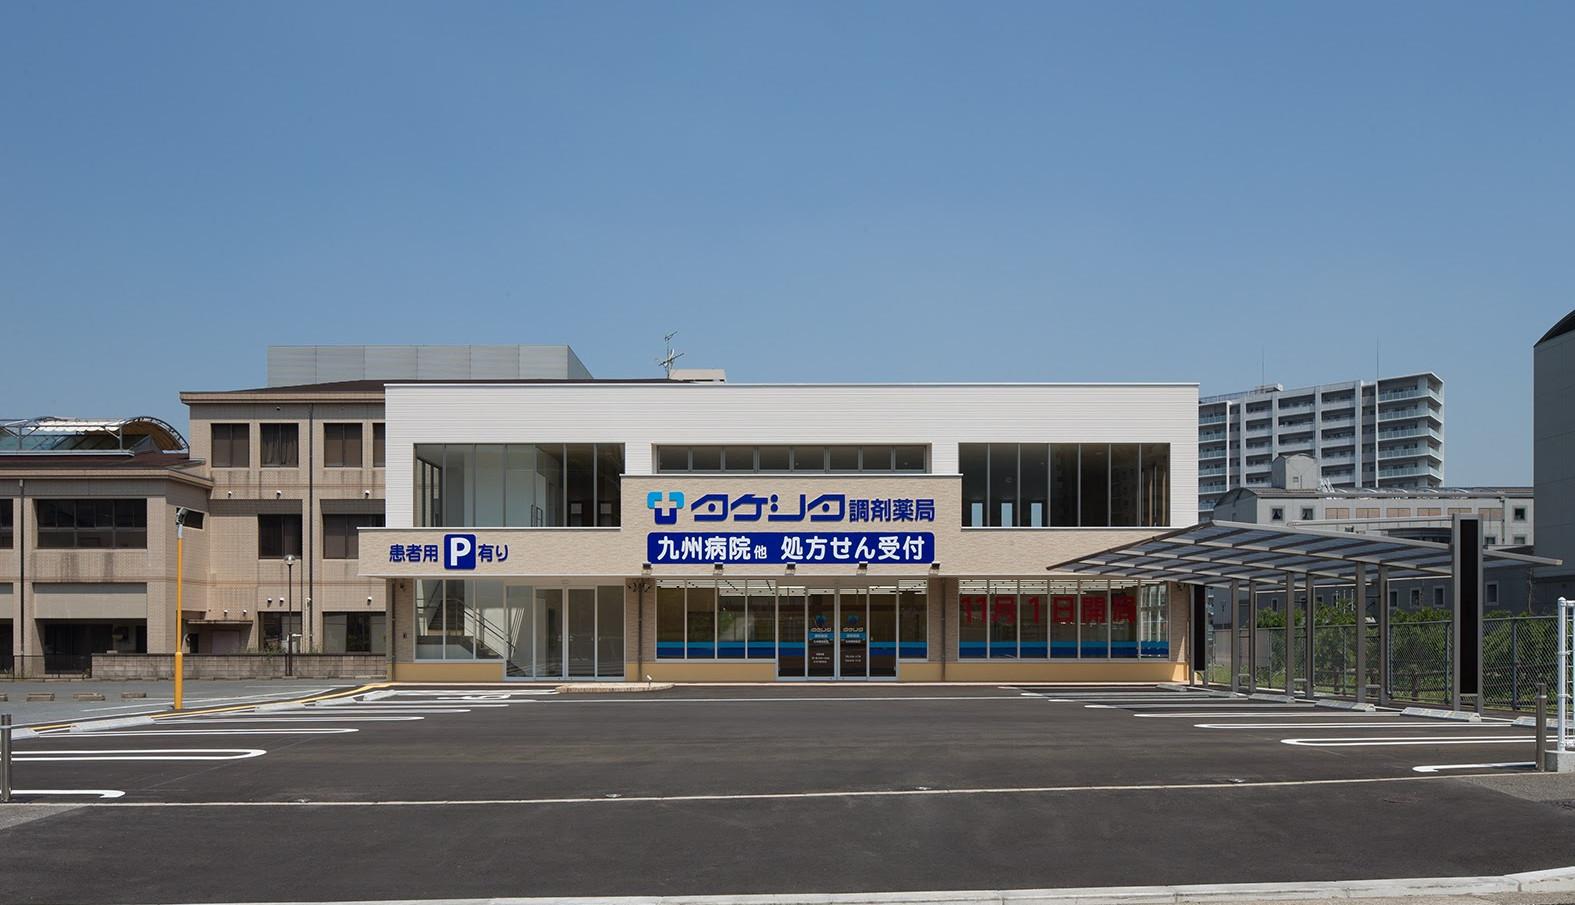 建物左側が2F入口